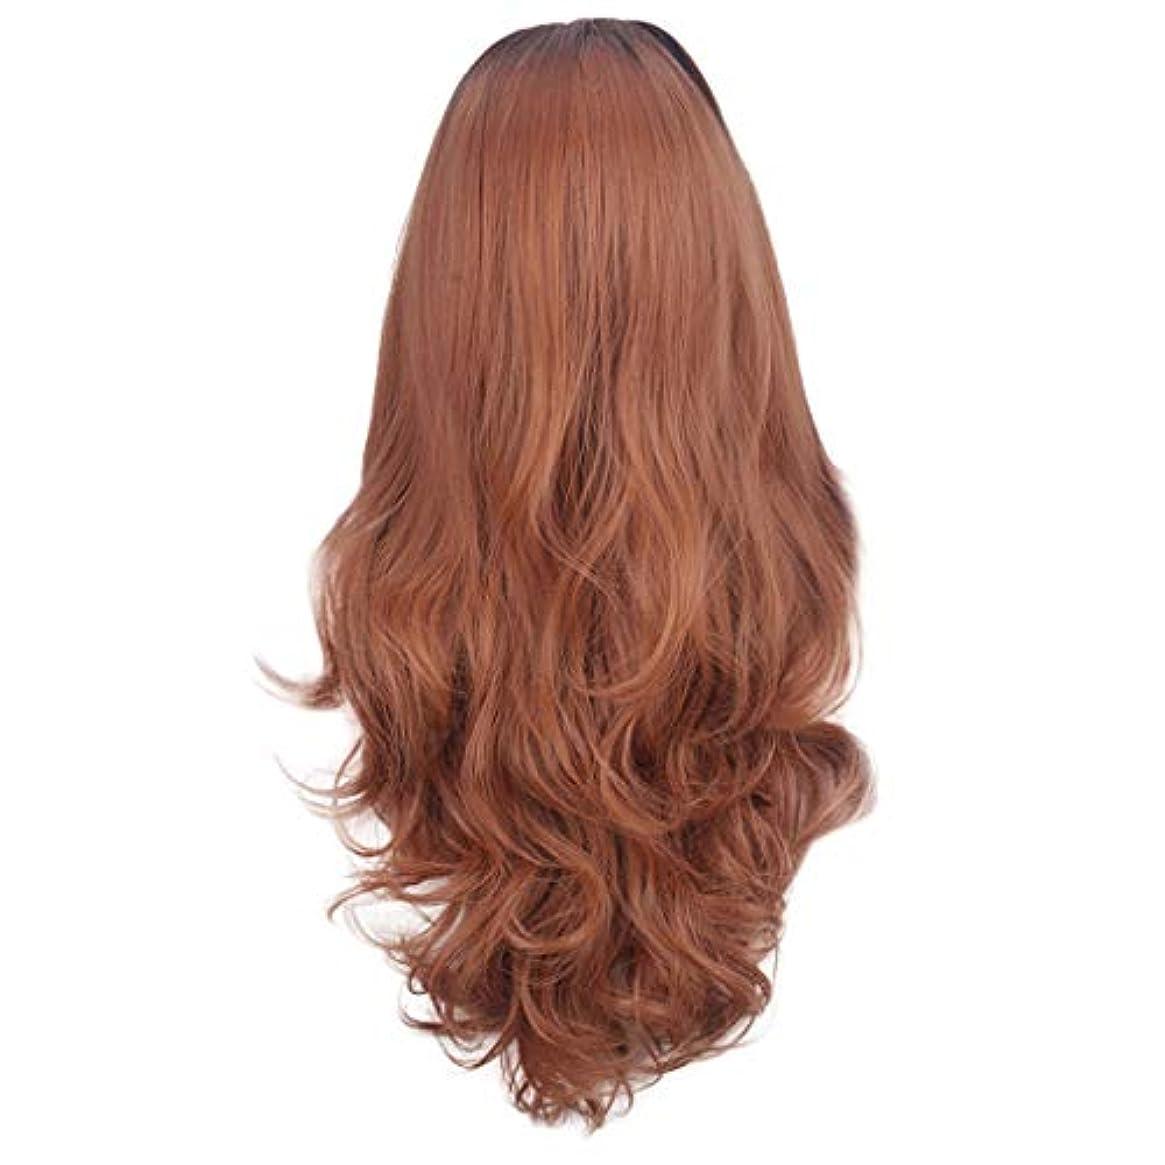 ドメインマークダウン衛星茶色の女性のかつらの長い巻き毛のフロントレースかつら80CM